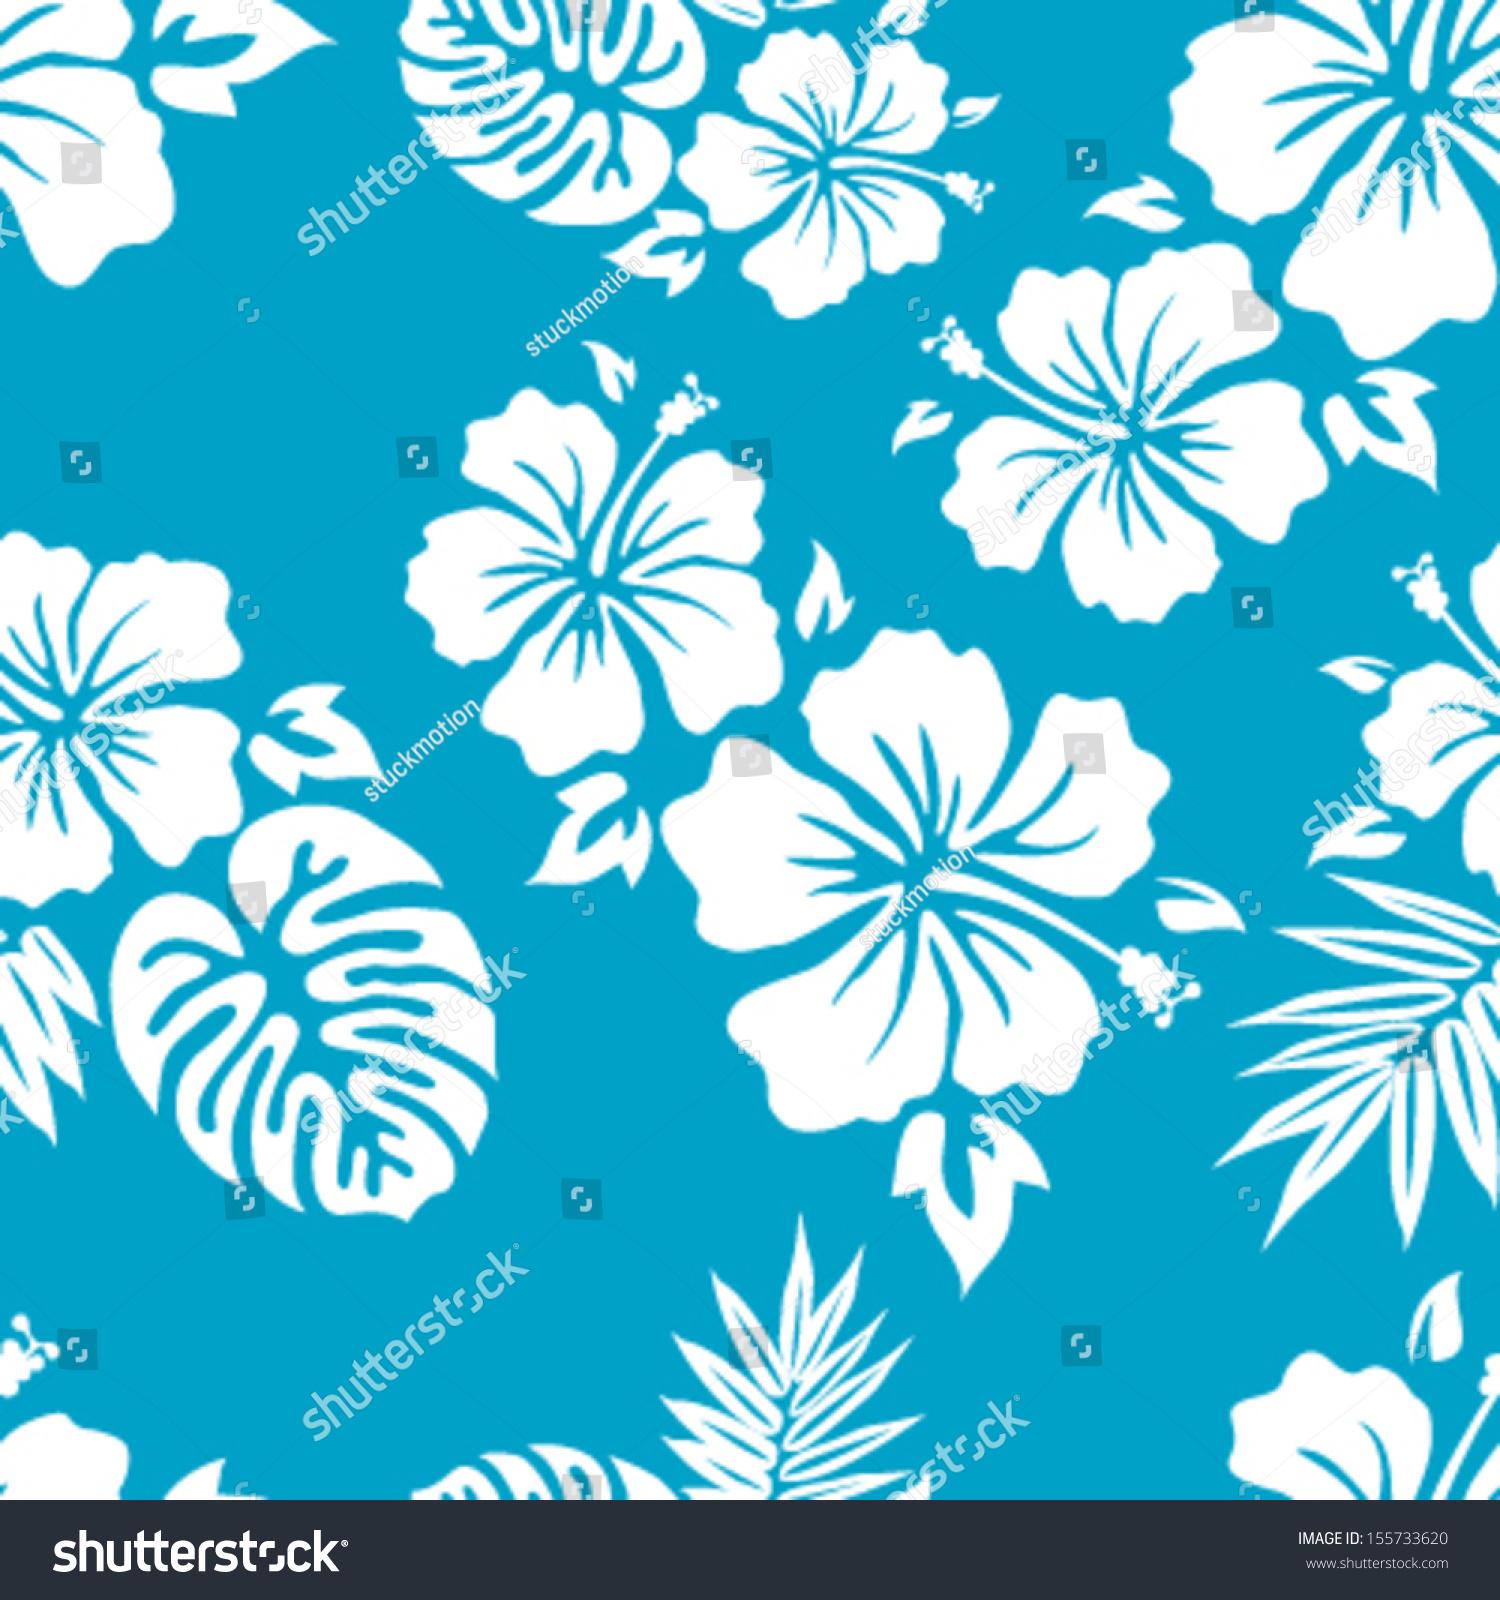 Hawaiian Aloha Shirt Seamless Background Pattern 155733620